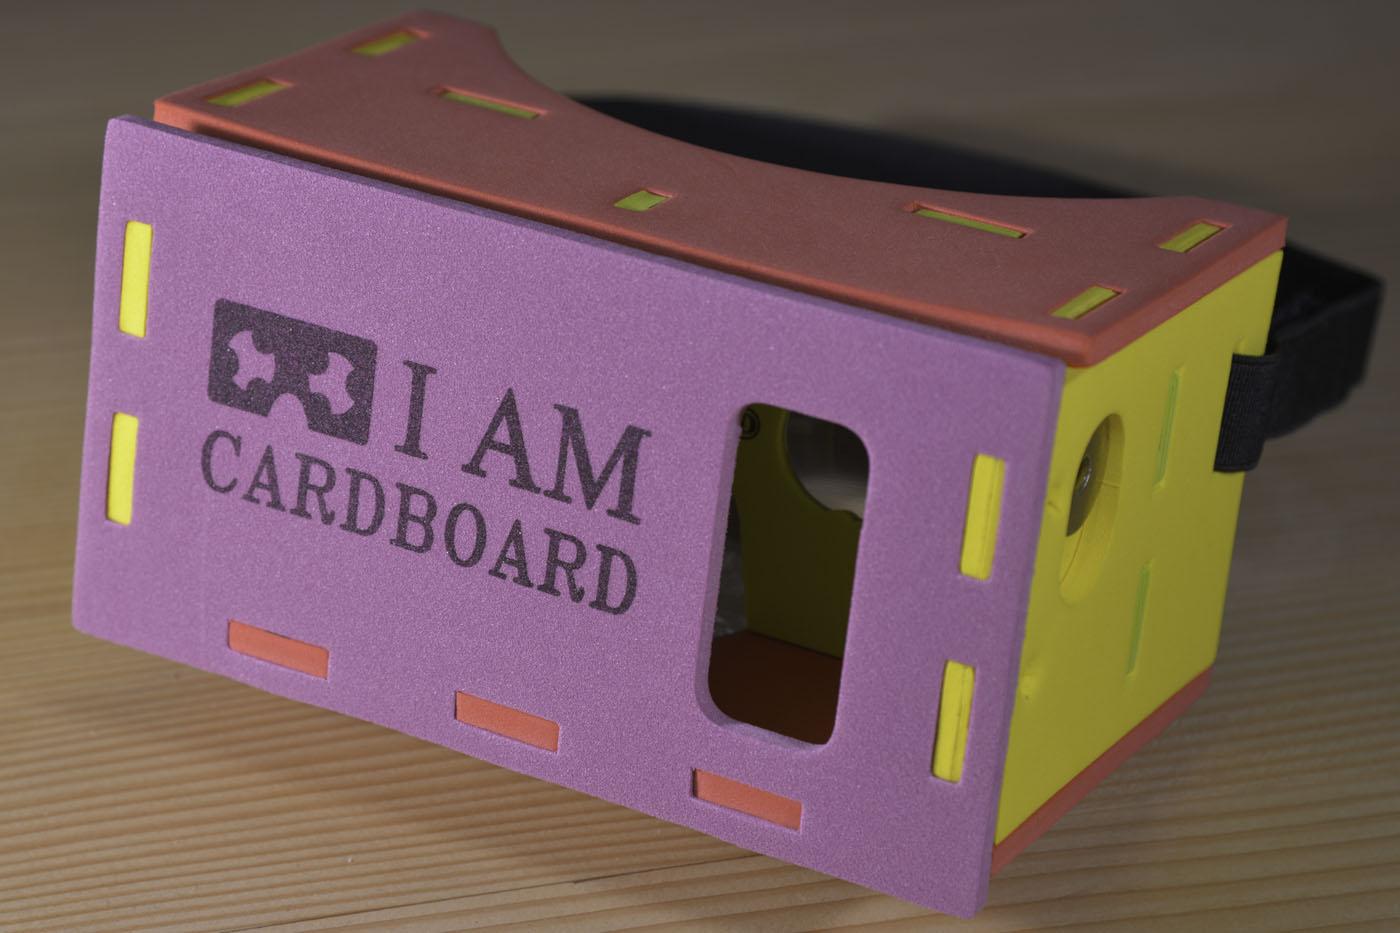 I am Cardboard